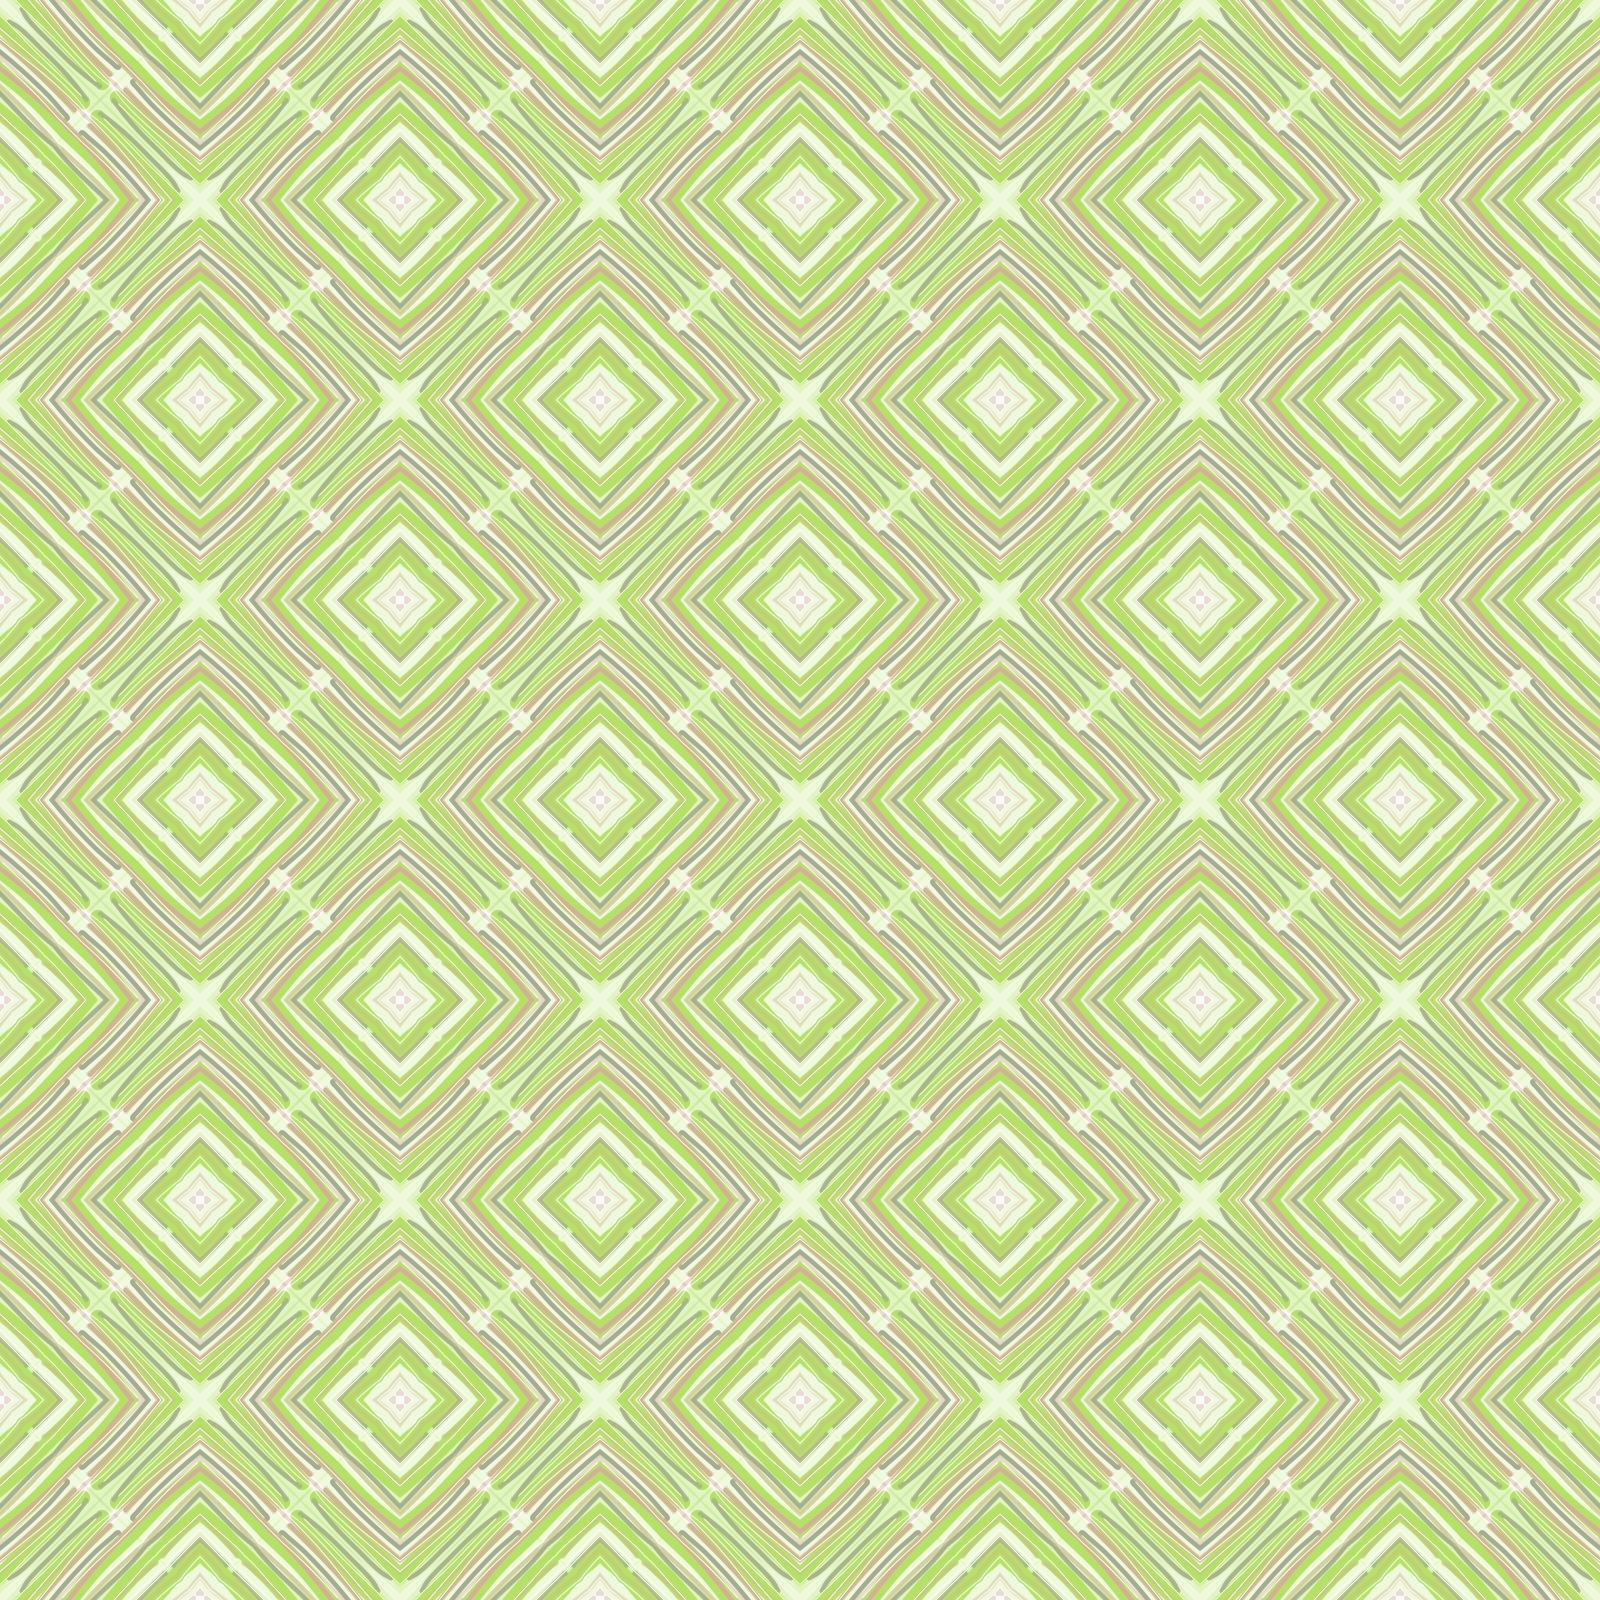 057_tiled